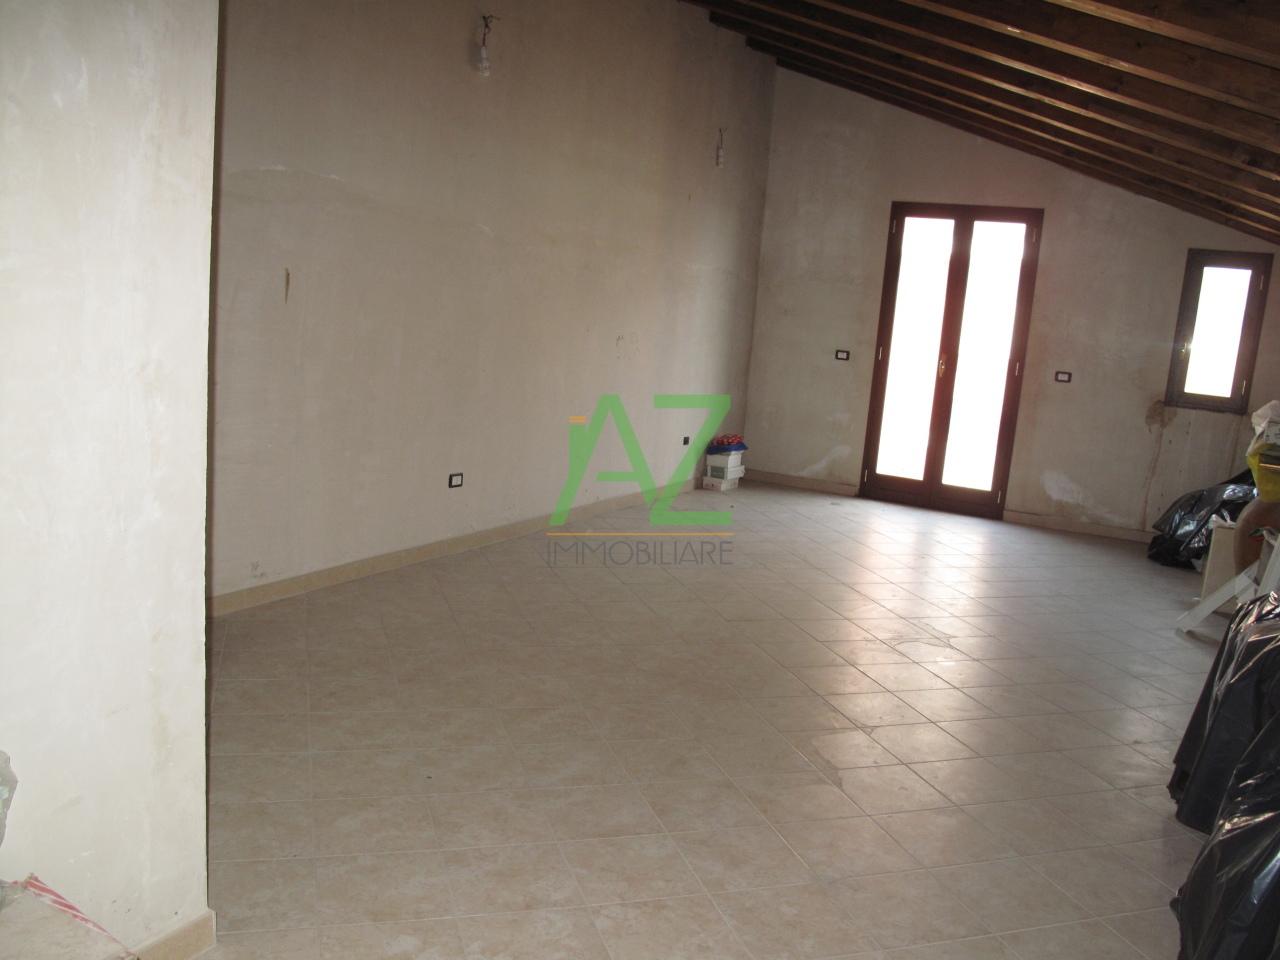 Appartamento in vendita a Motta Sant'Anastasia, 3 locali, prezzo € 79.000 | Cambio Casa.it